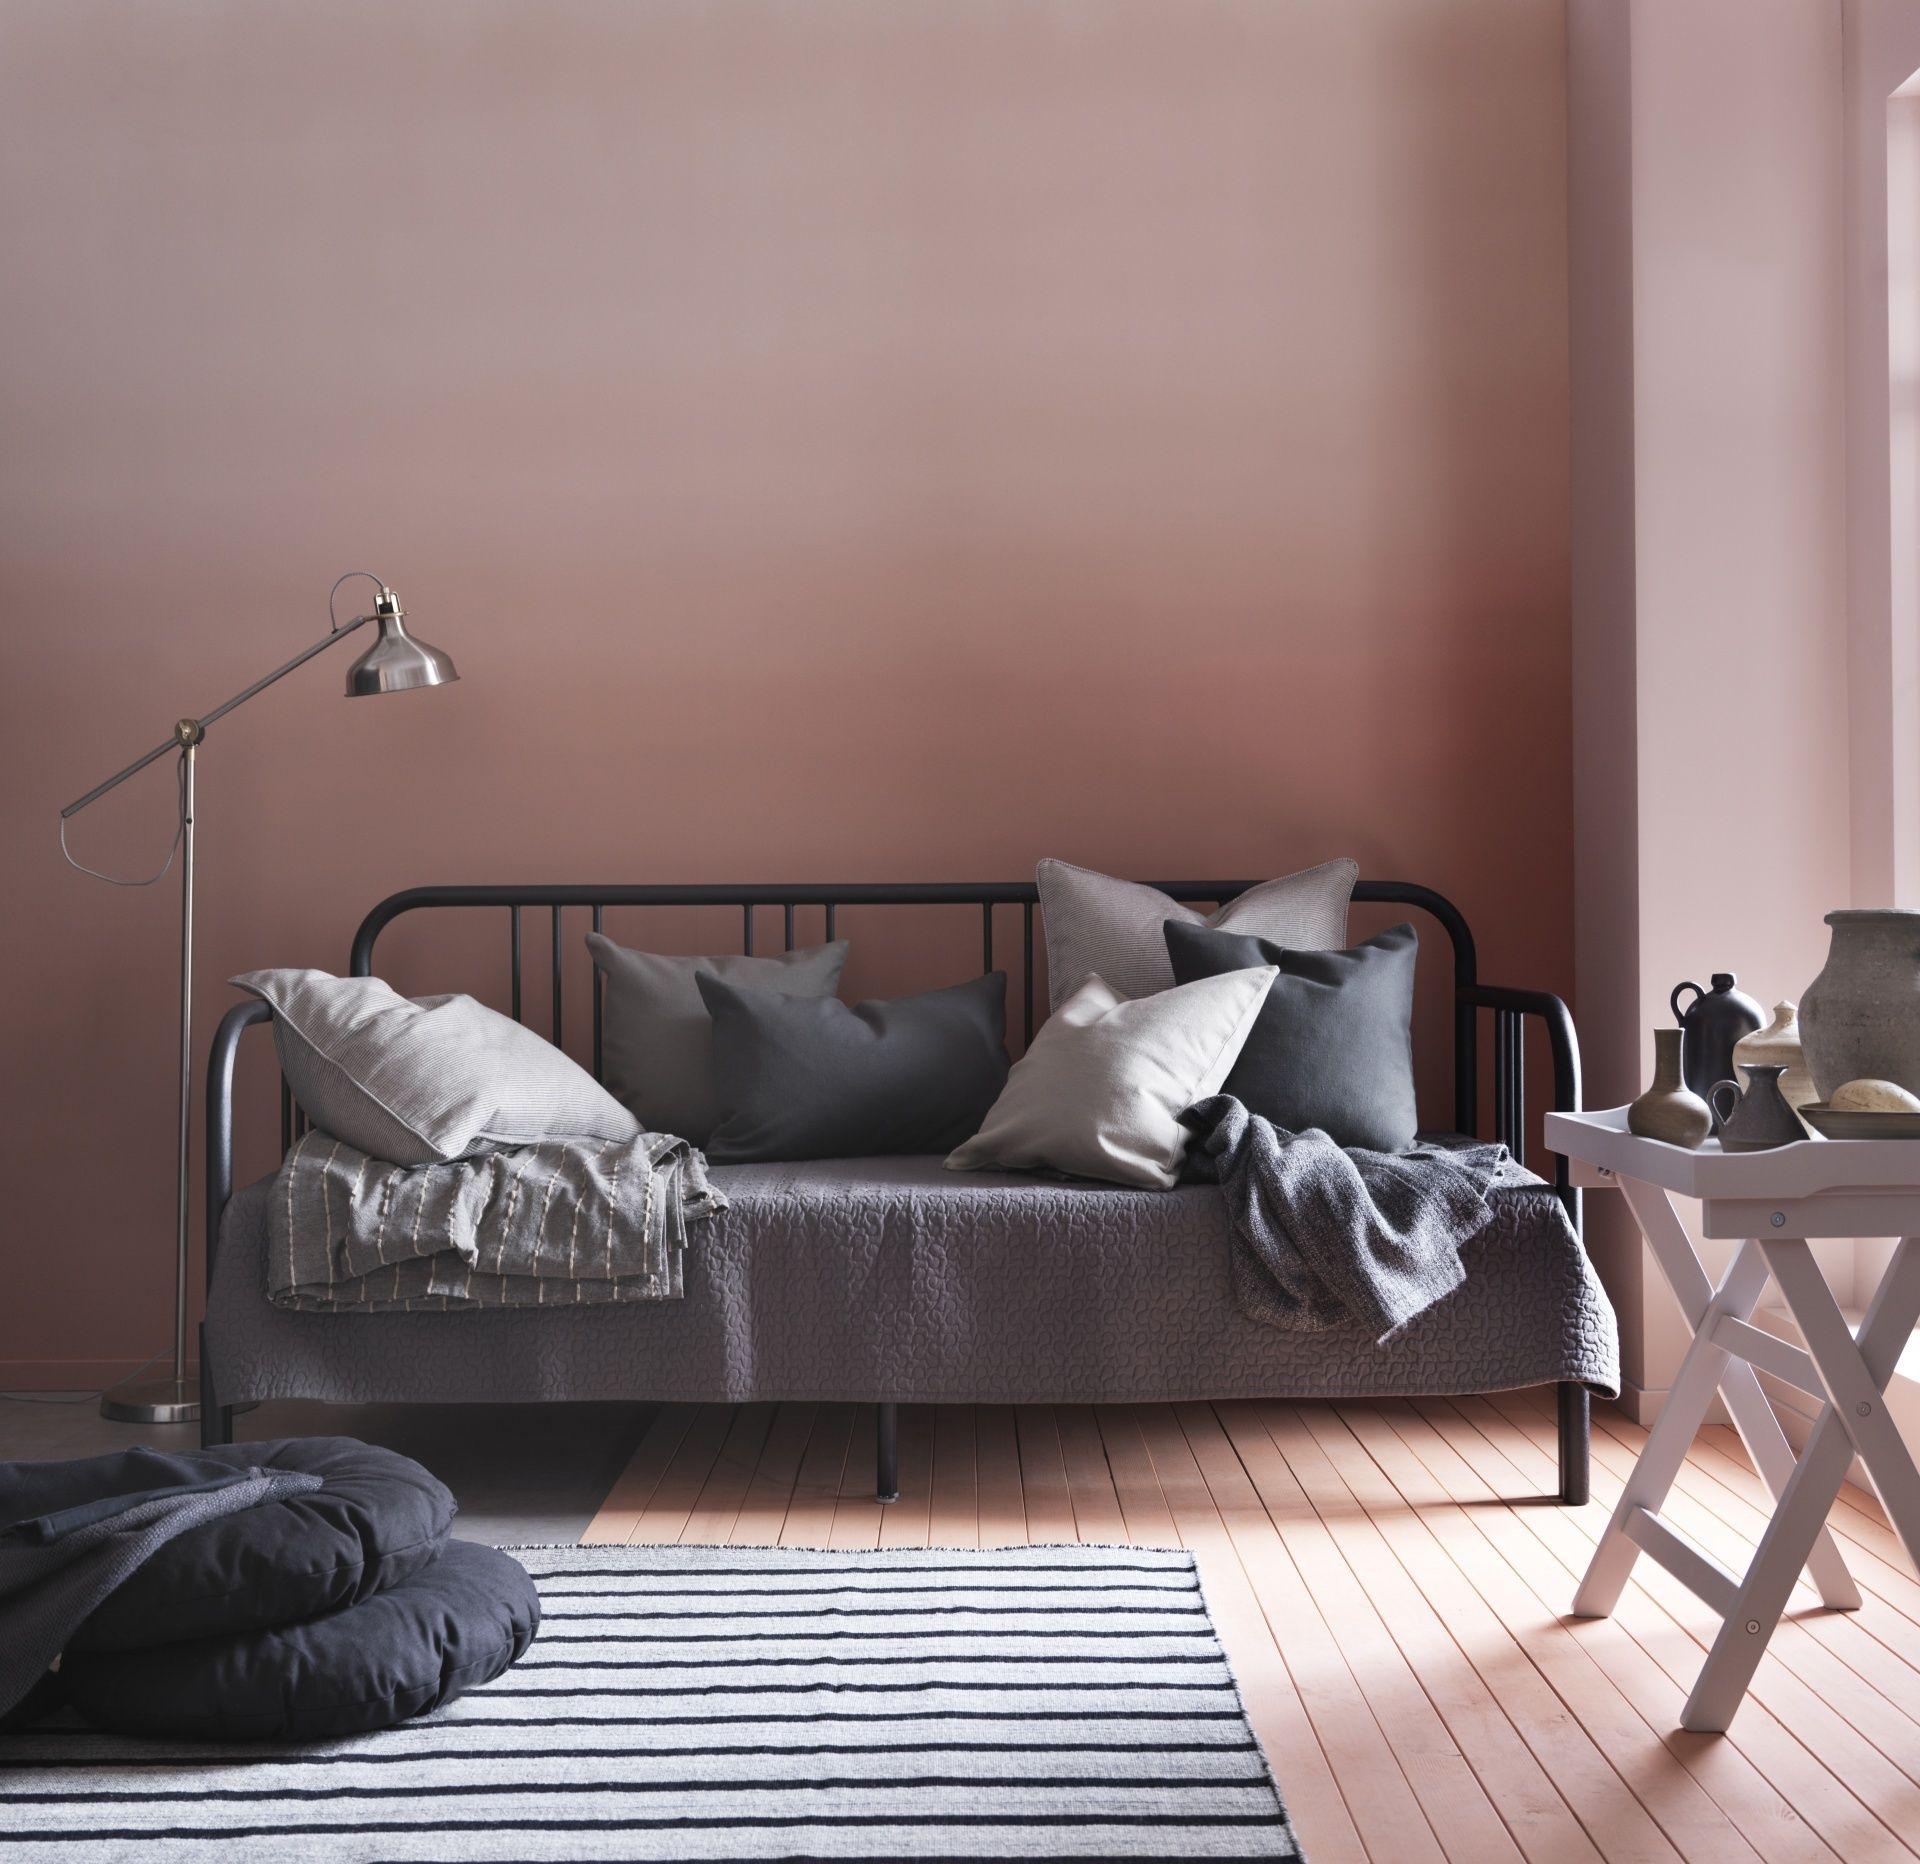 Das braucht man alles für die erste Wohnung | Gäste | Pinterest ...